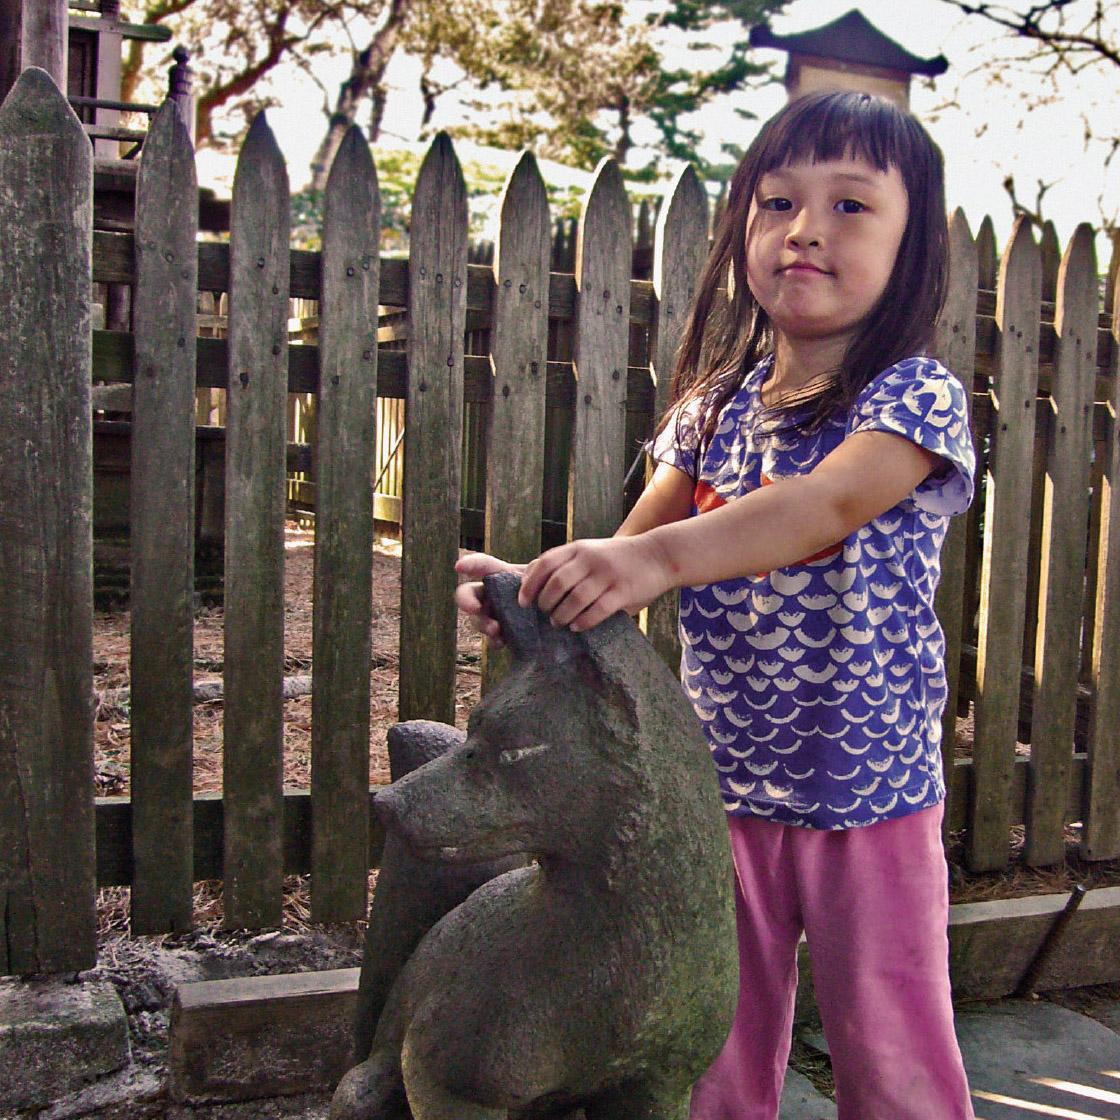 Myself_ Photographs of Children Pagesv2_interior 2-60.jpg